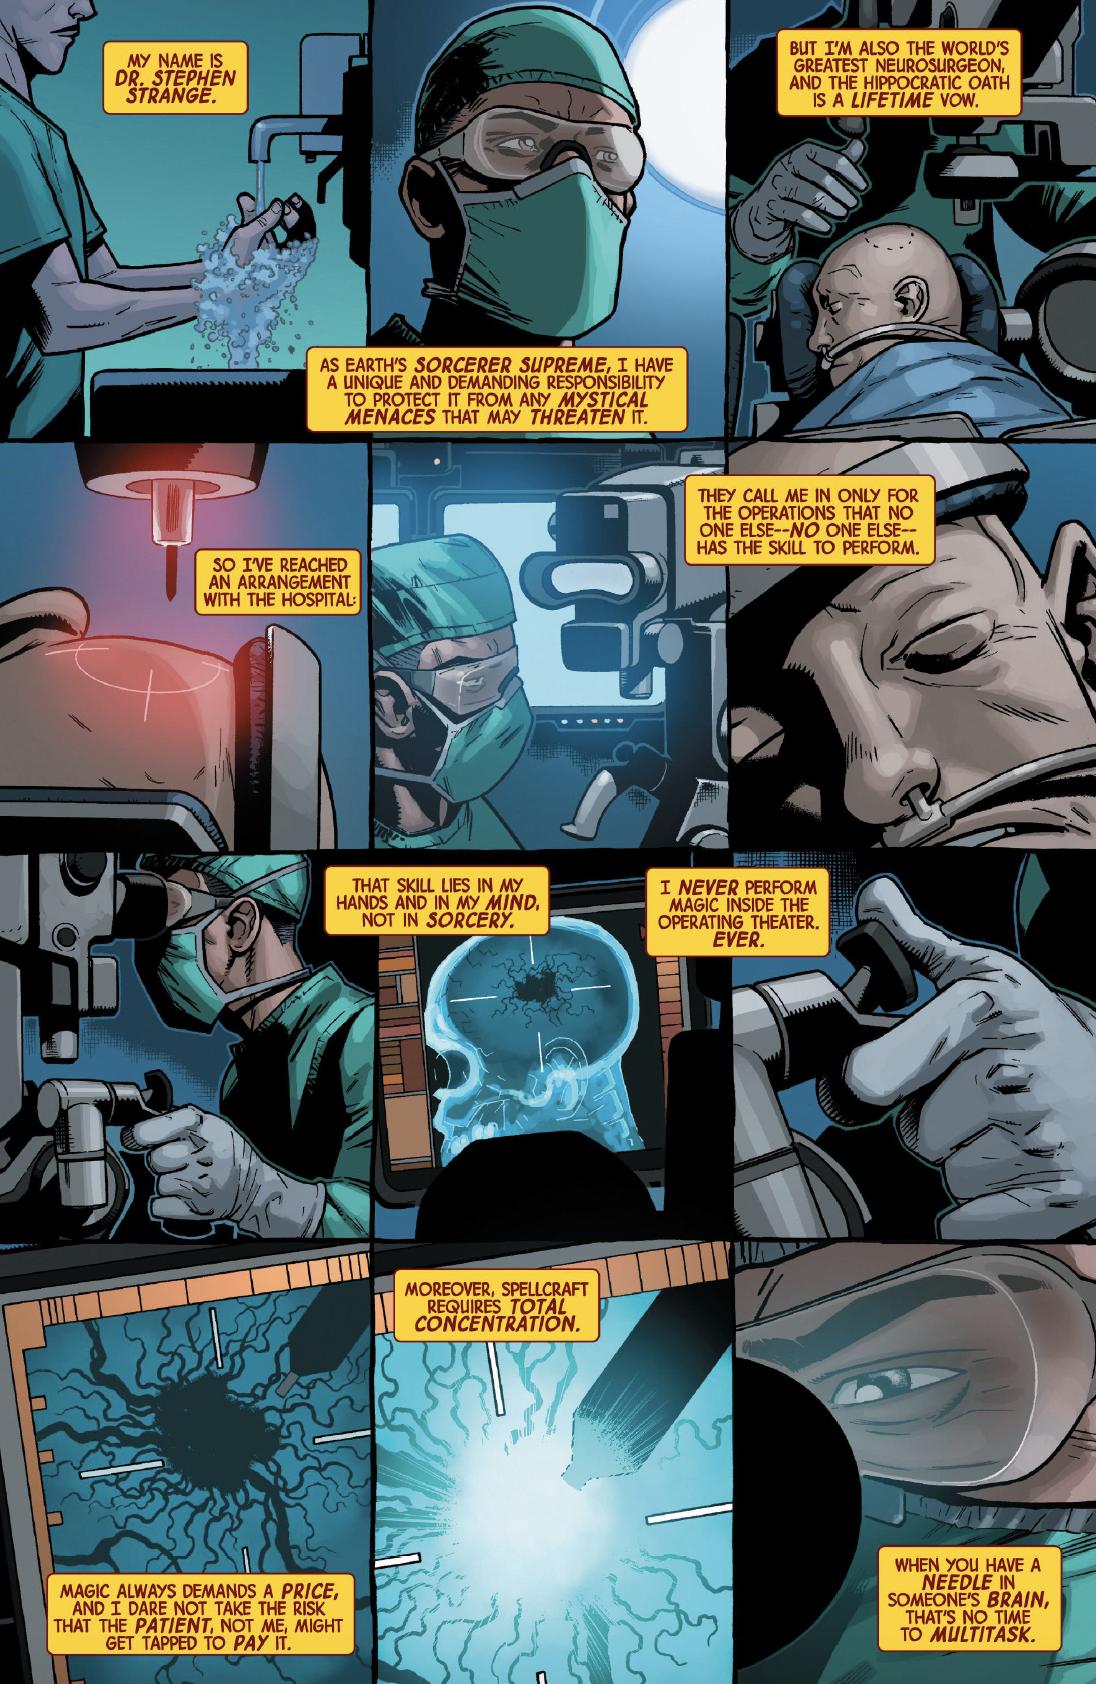 Page 5 of Dr. Strange #1